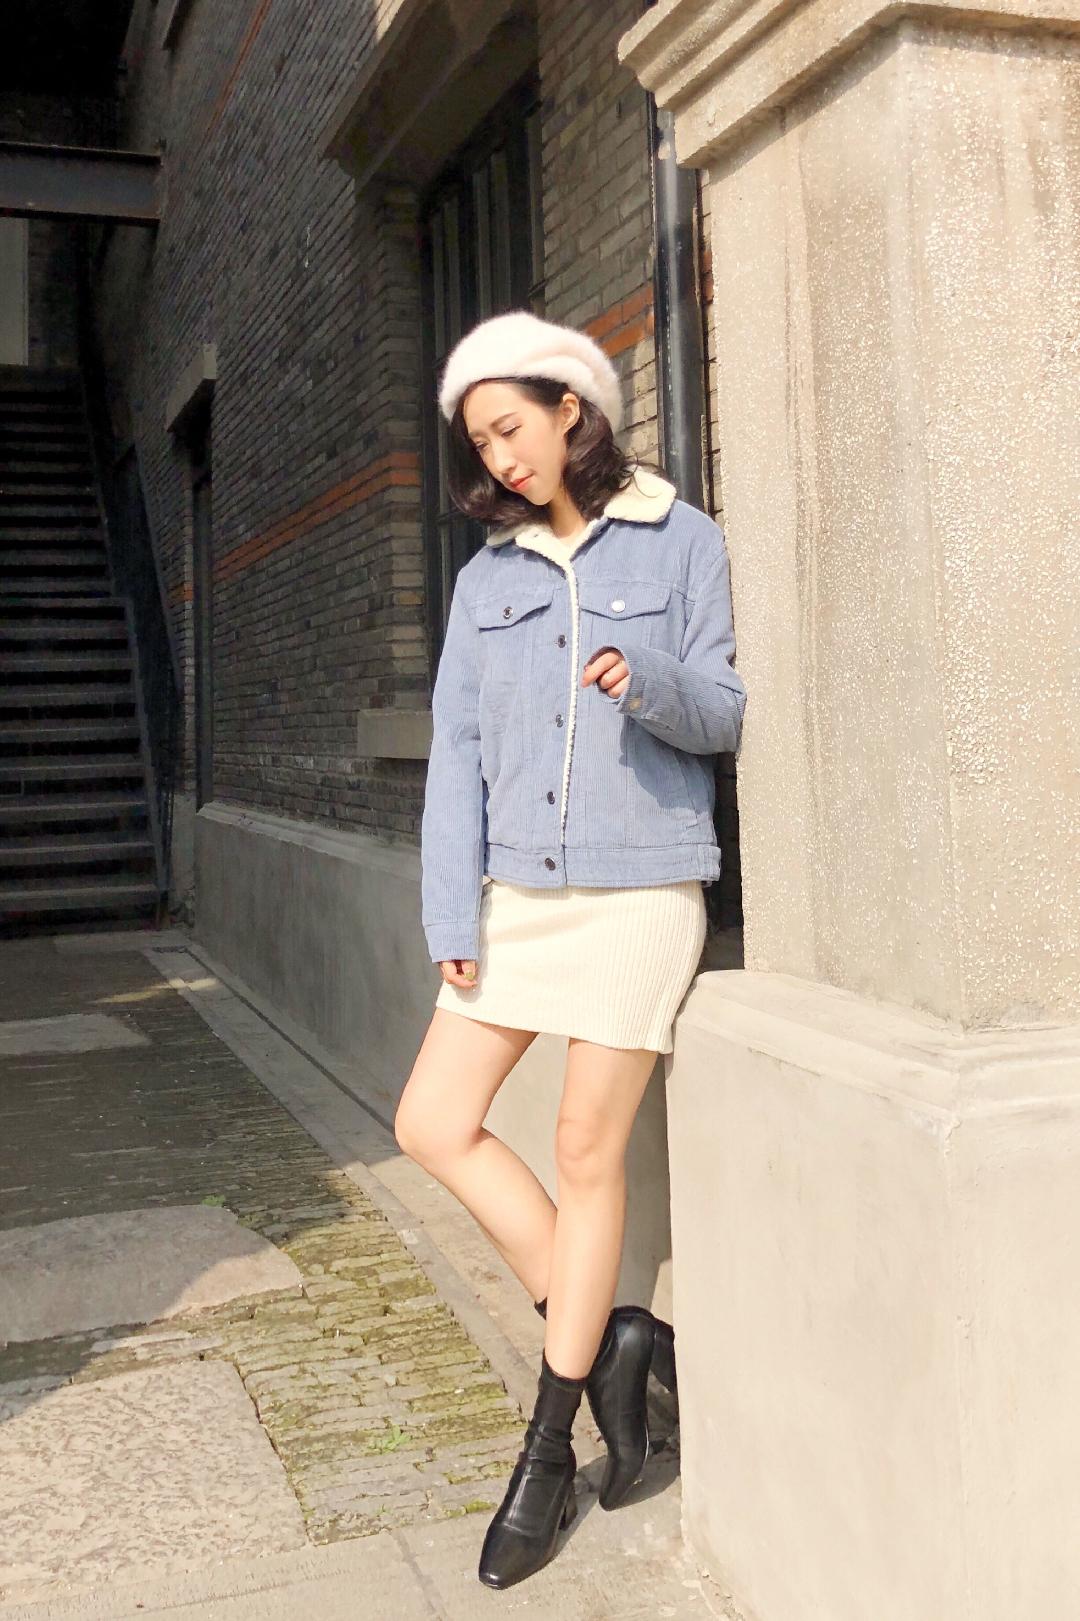 #我的专属暖宝宝:羊羔绒外套#这件灯芯绒夹羊羔绒的外套真的是保暖第一名,我都出汗了……白⚪️➕蓝🔵的look是不是清新温柔?我很喜欢这个配色~感觉需要被保护。